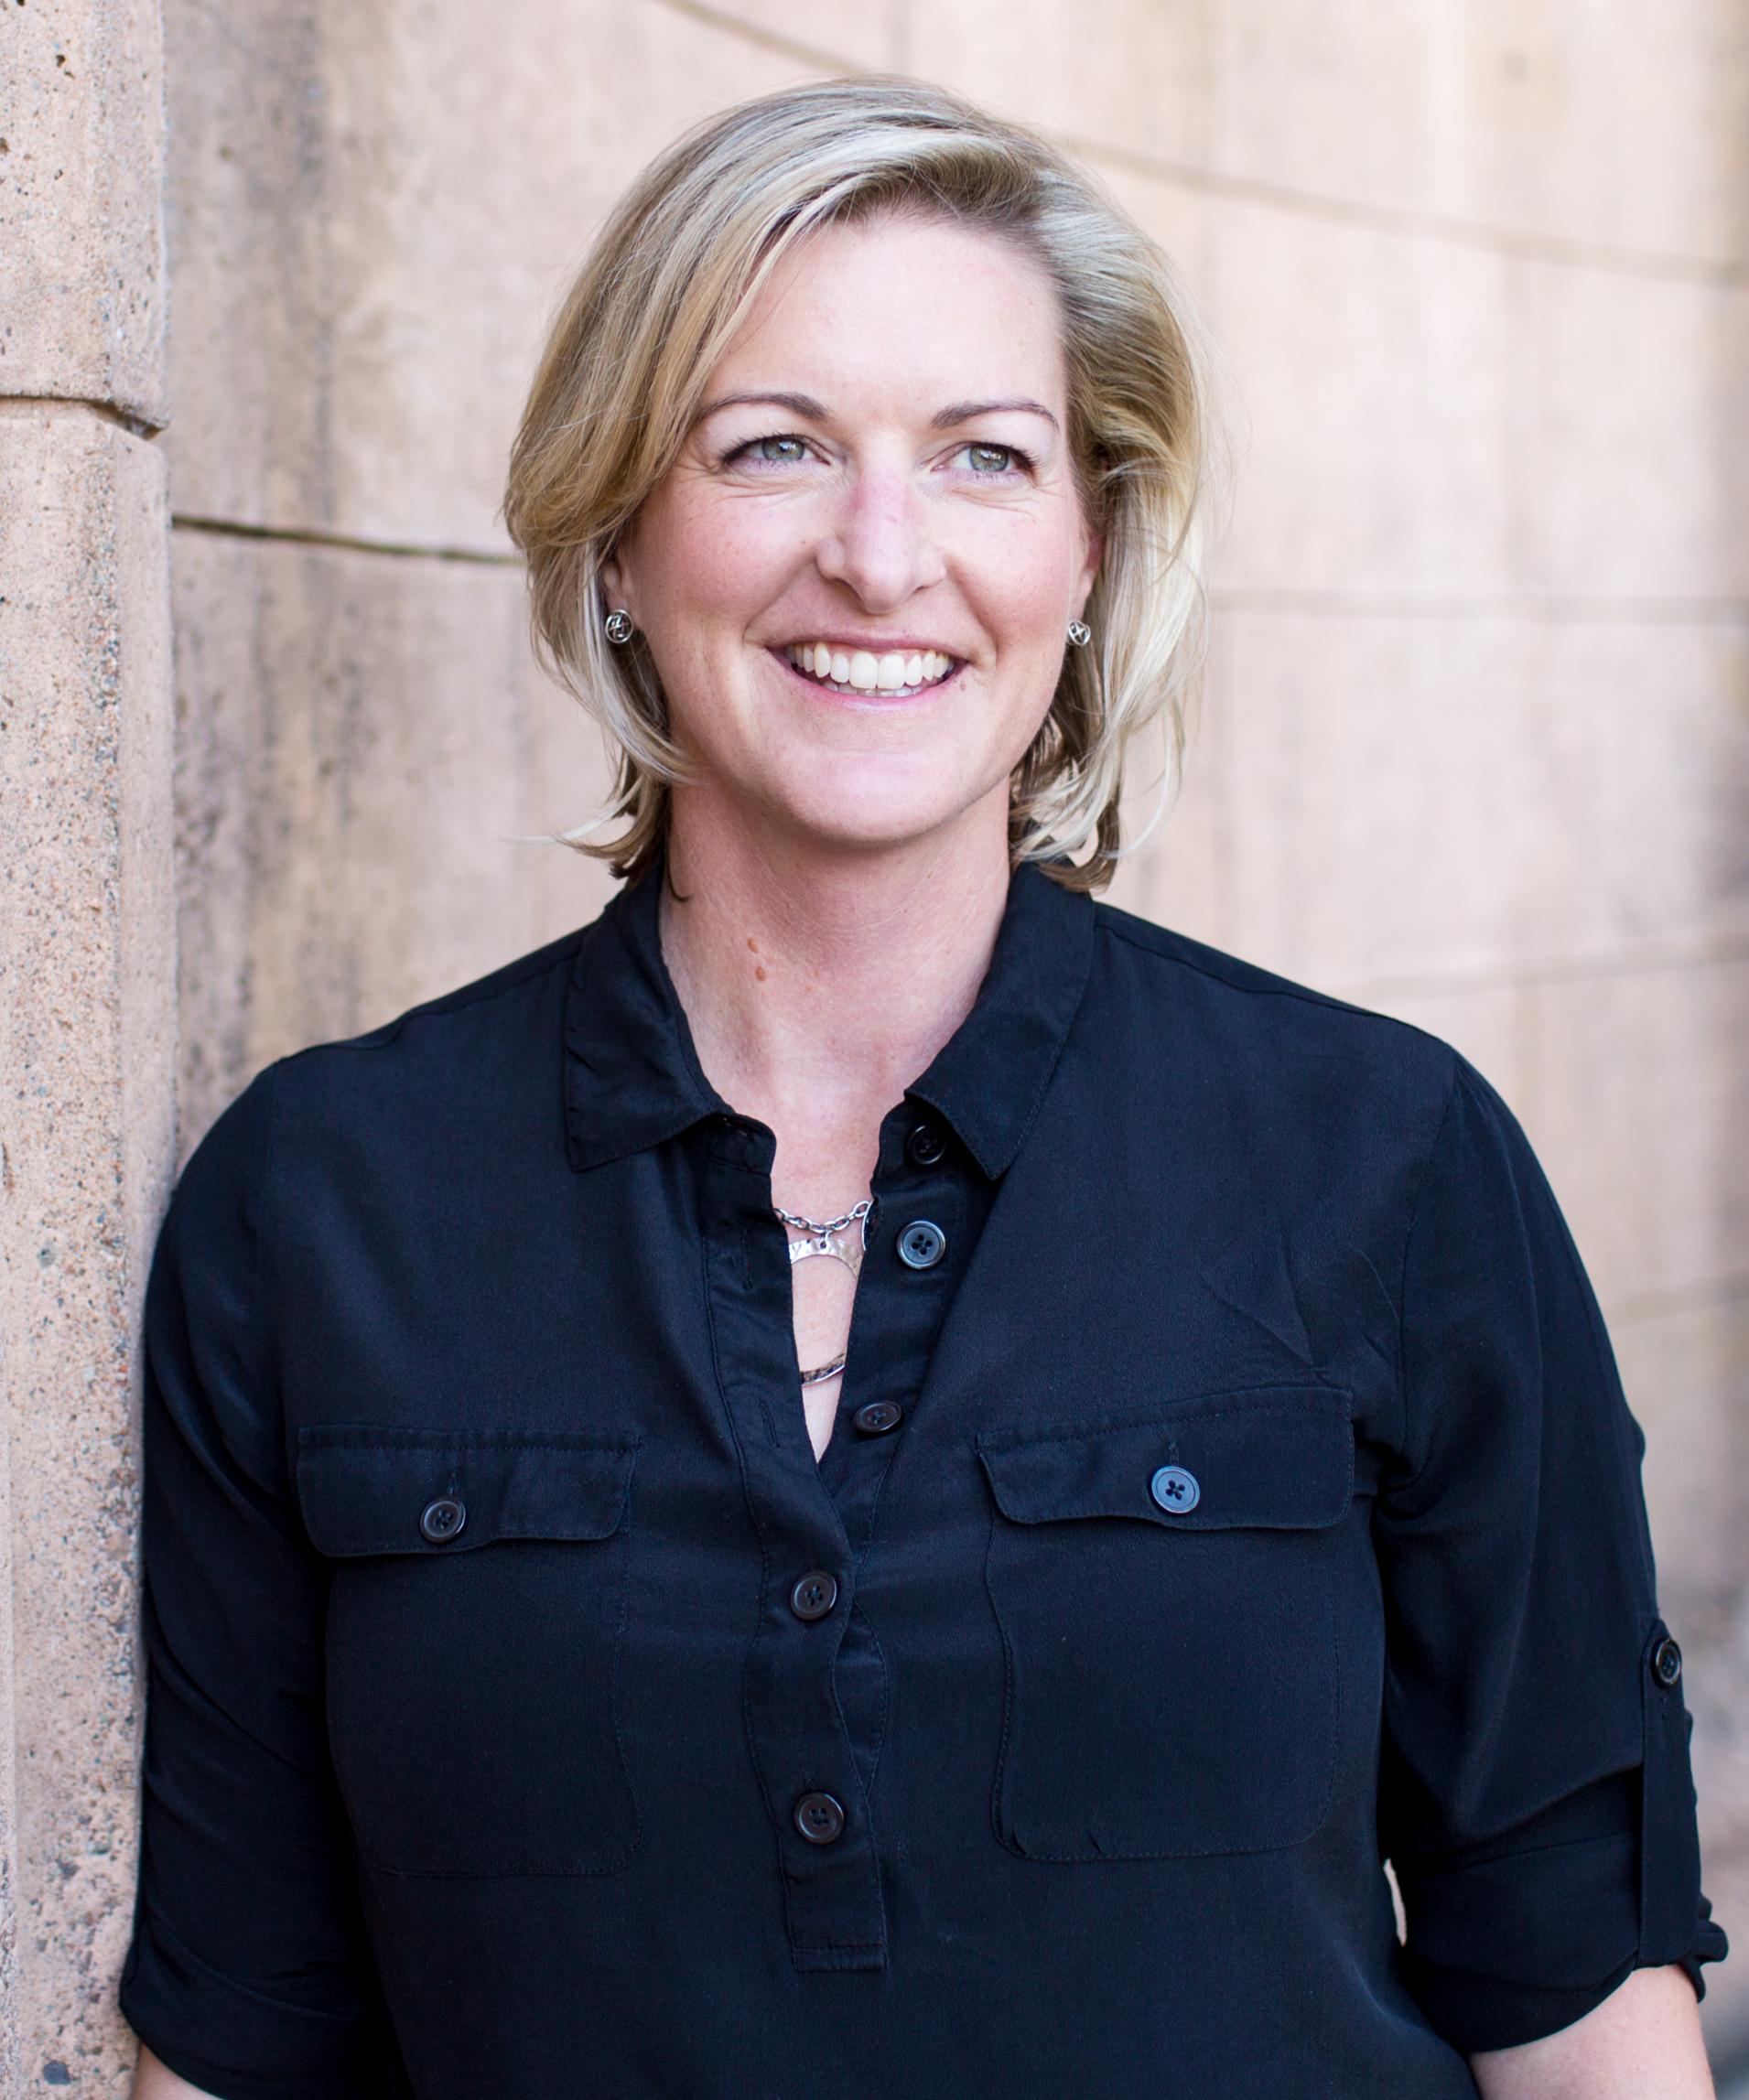 Dr. Sally Hirsch